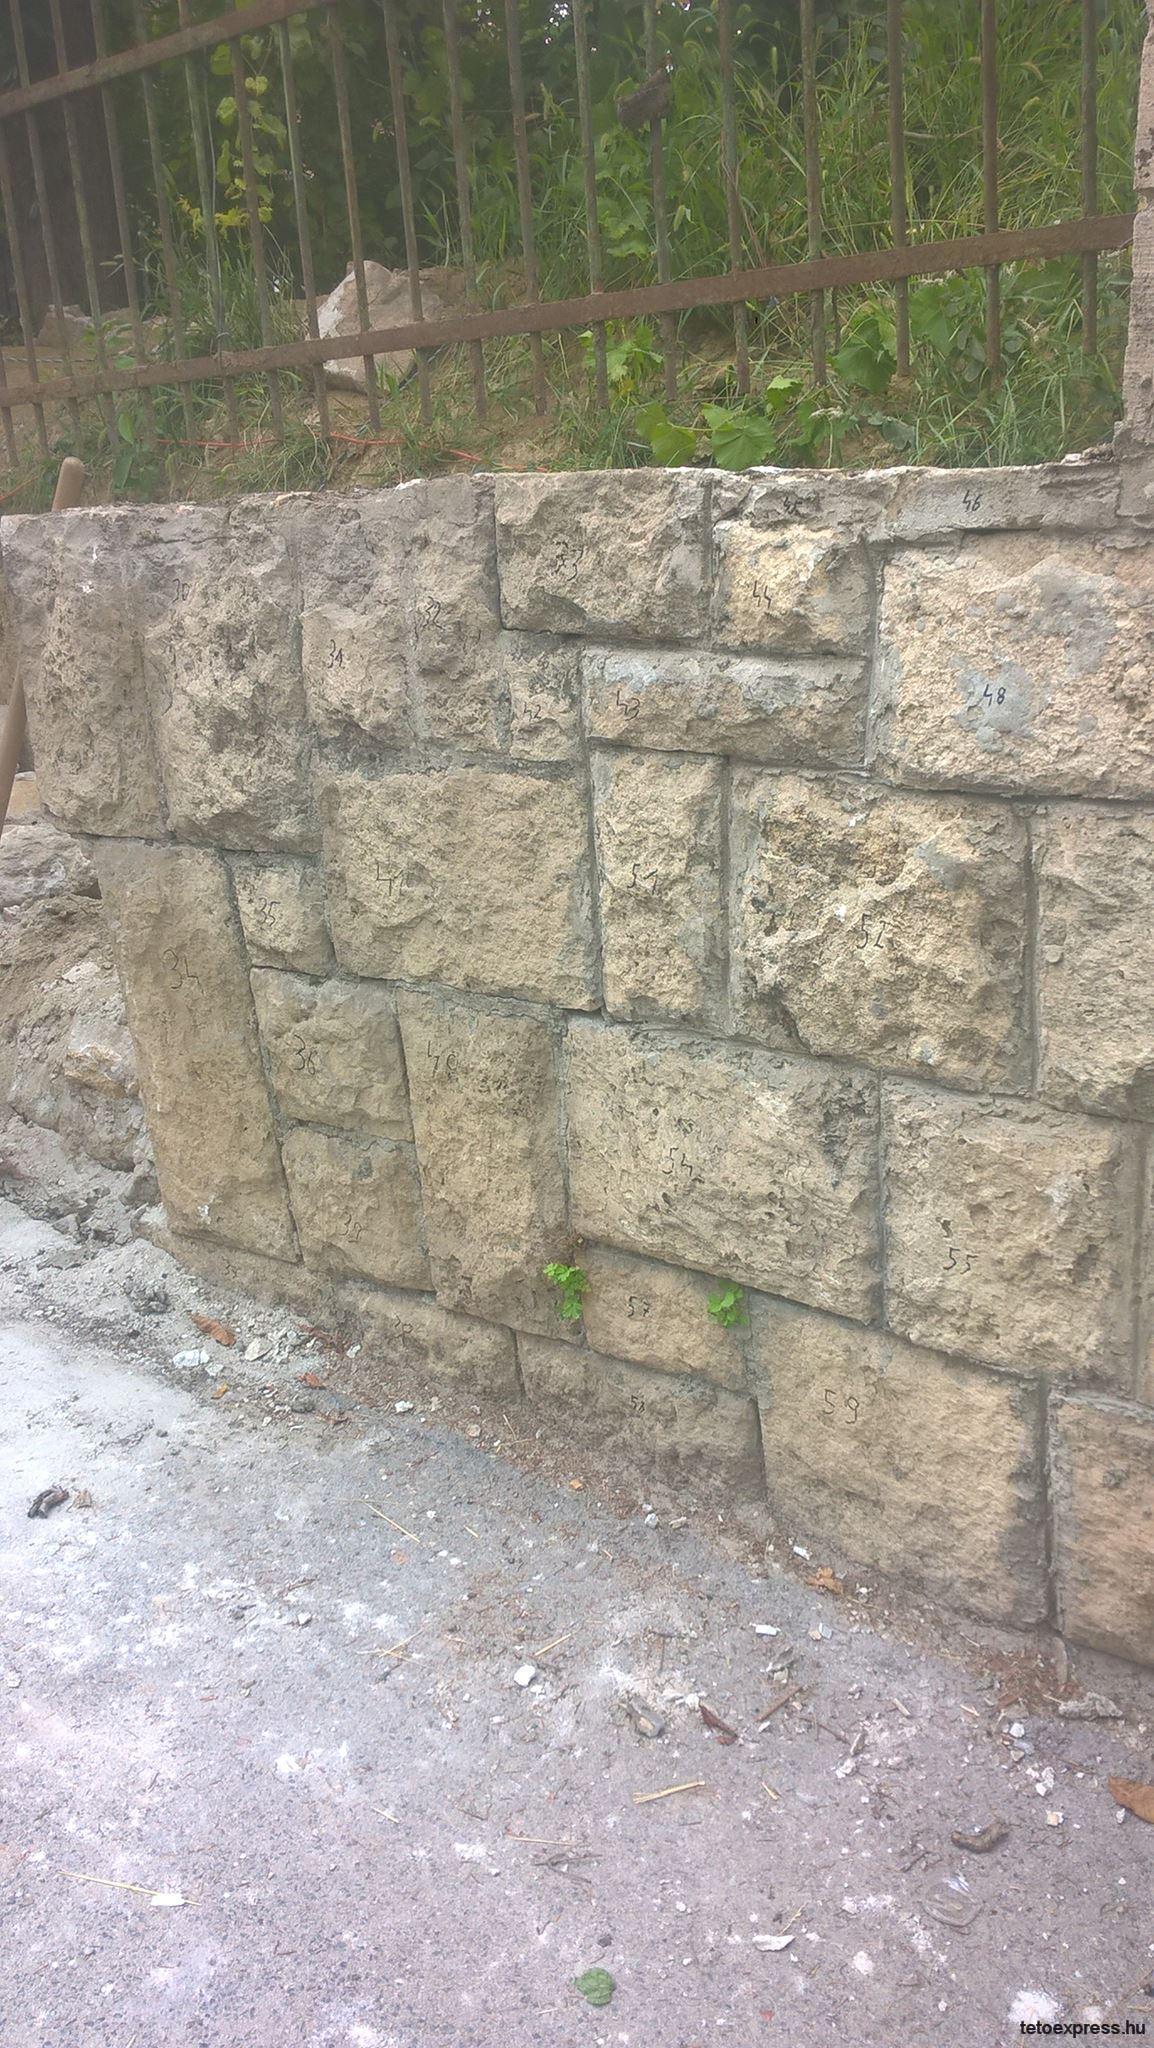 Kő kerítés bontásról készült képek